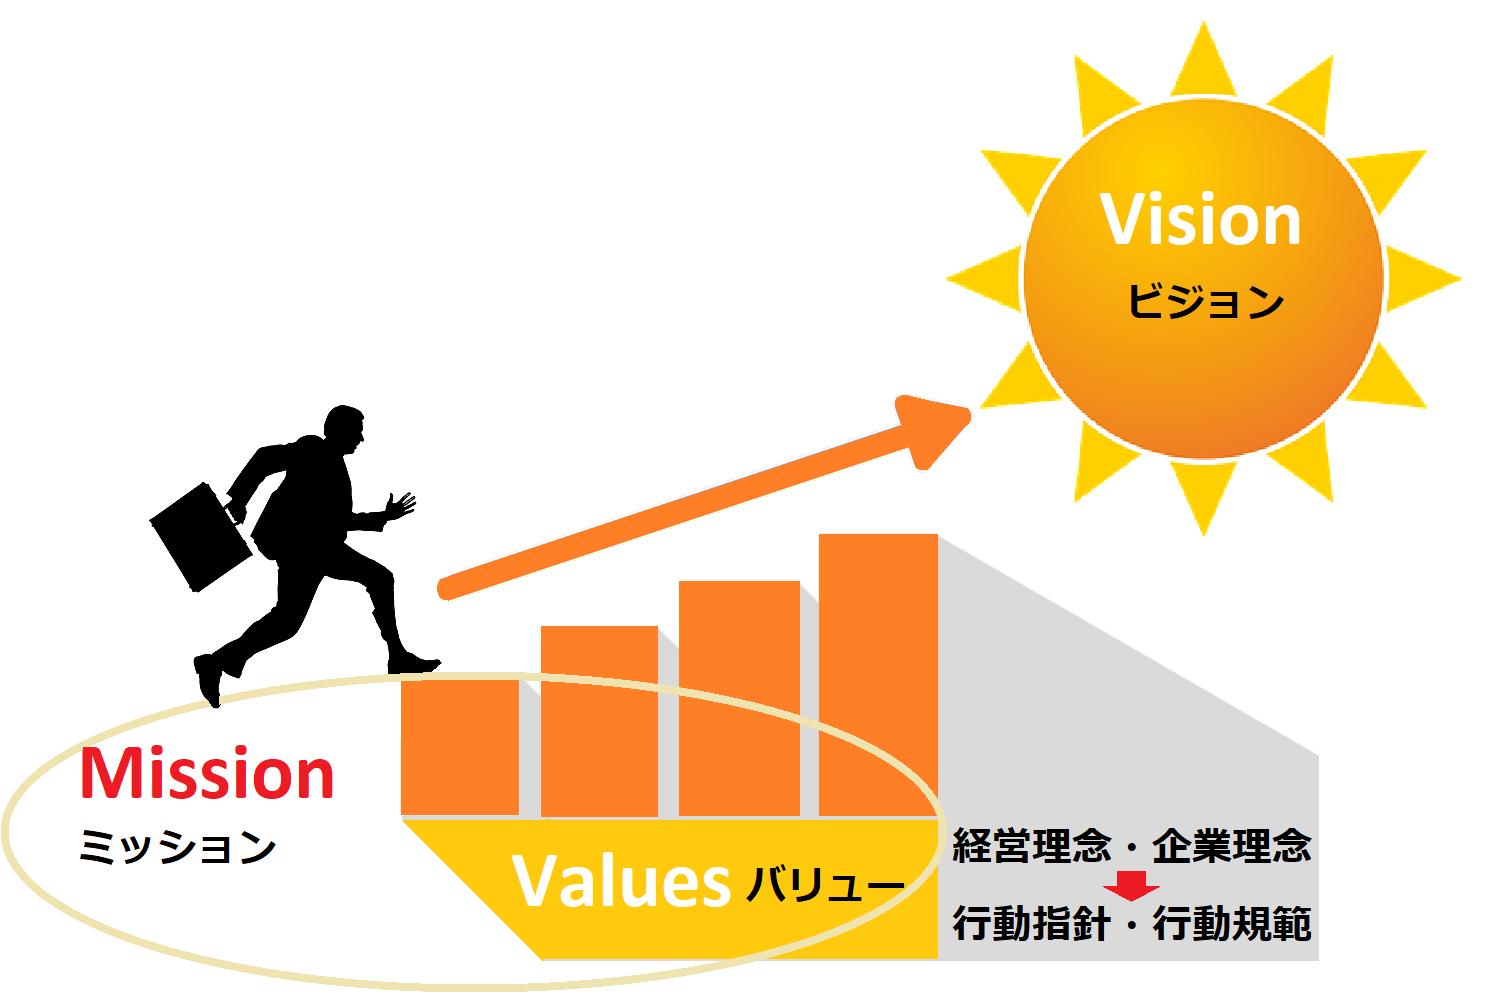 ビジョン・ミッション・バリュー・経営理念・企業理念・行動指針・行動規範